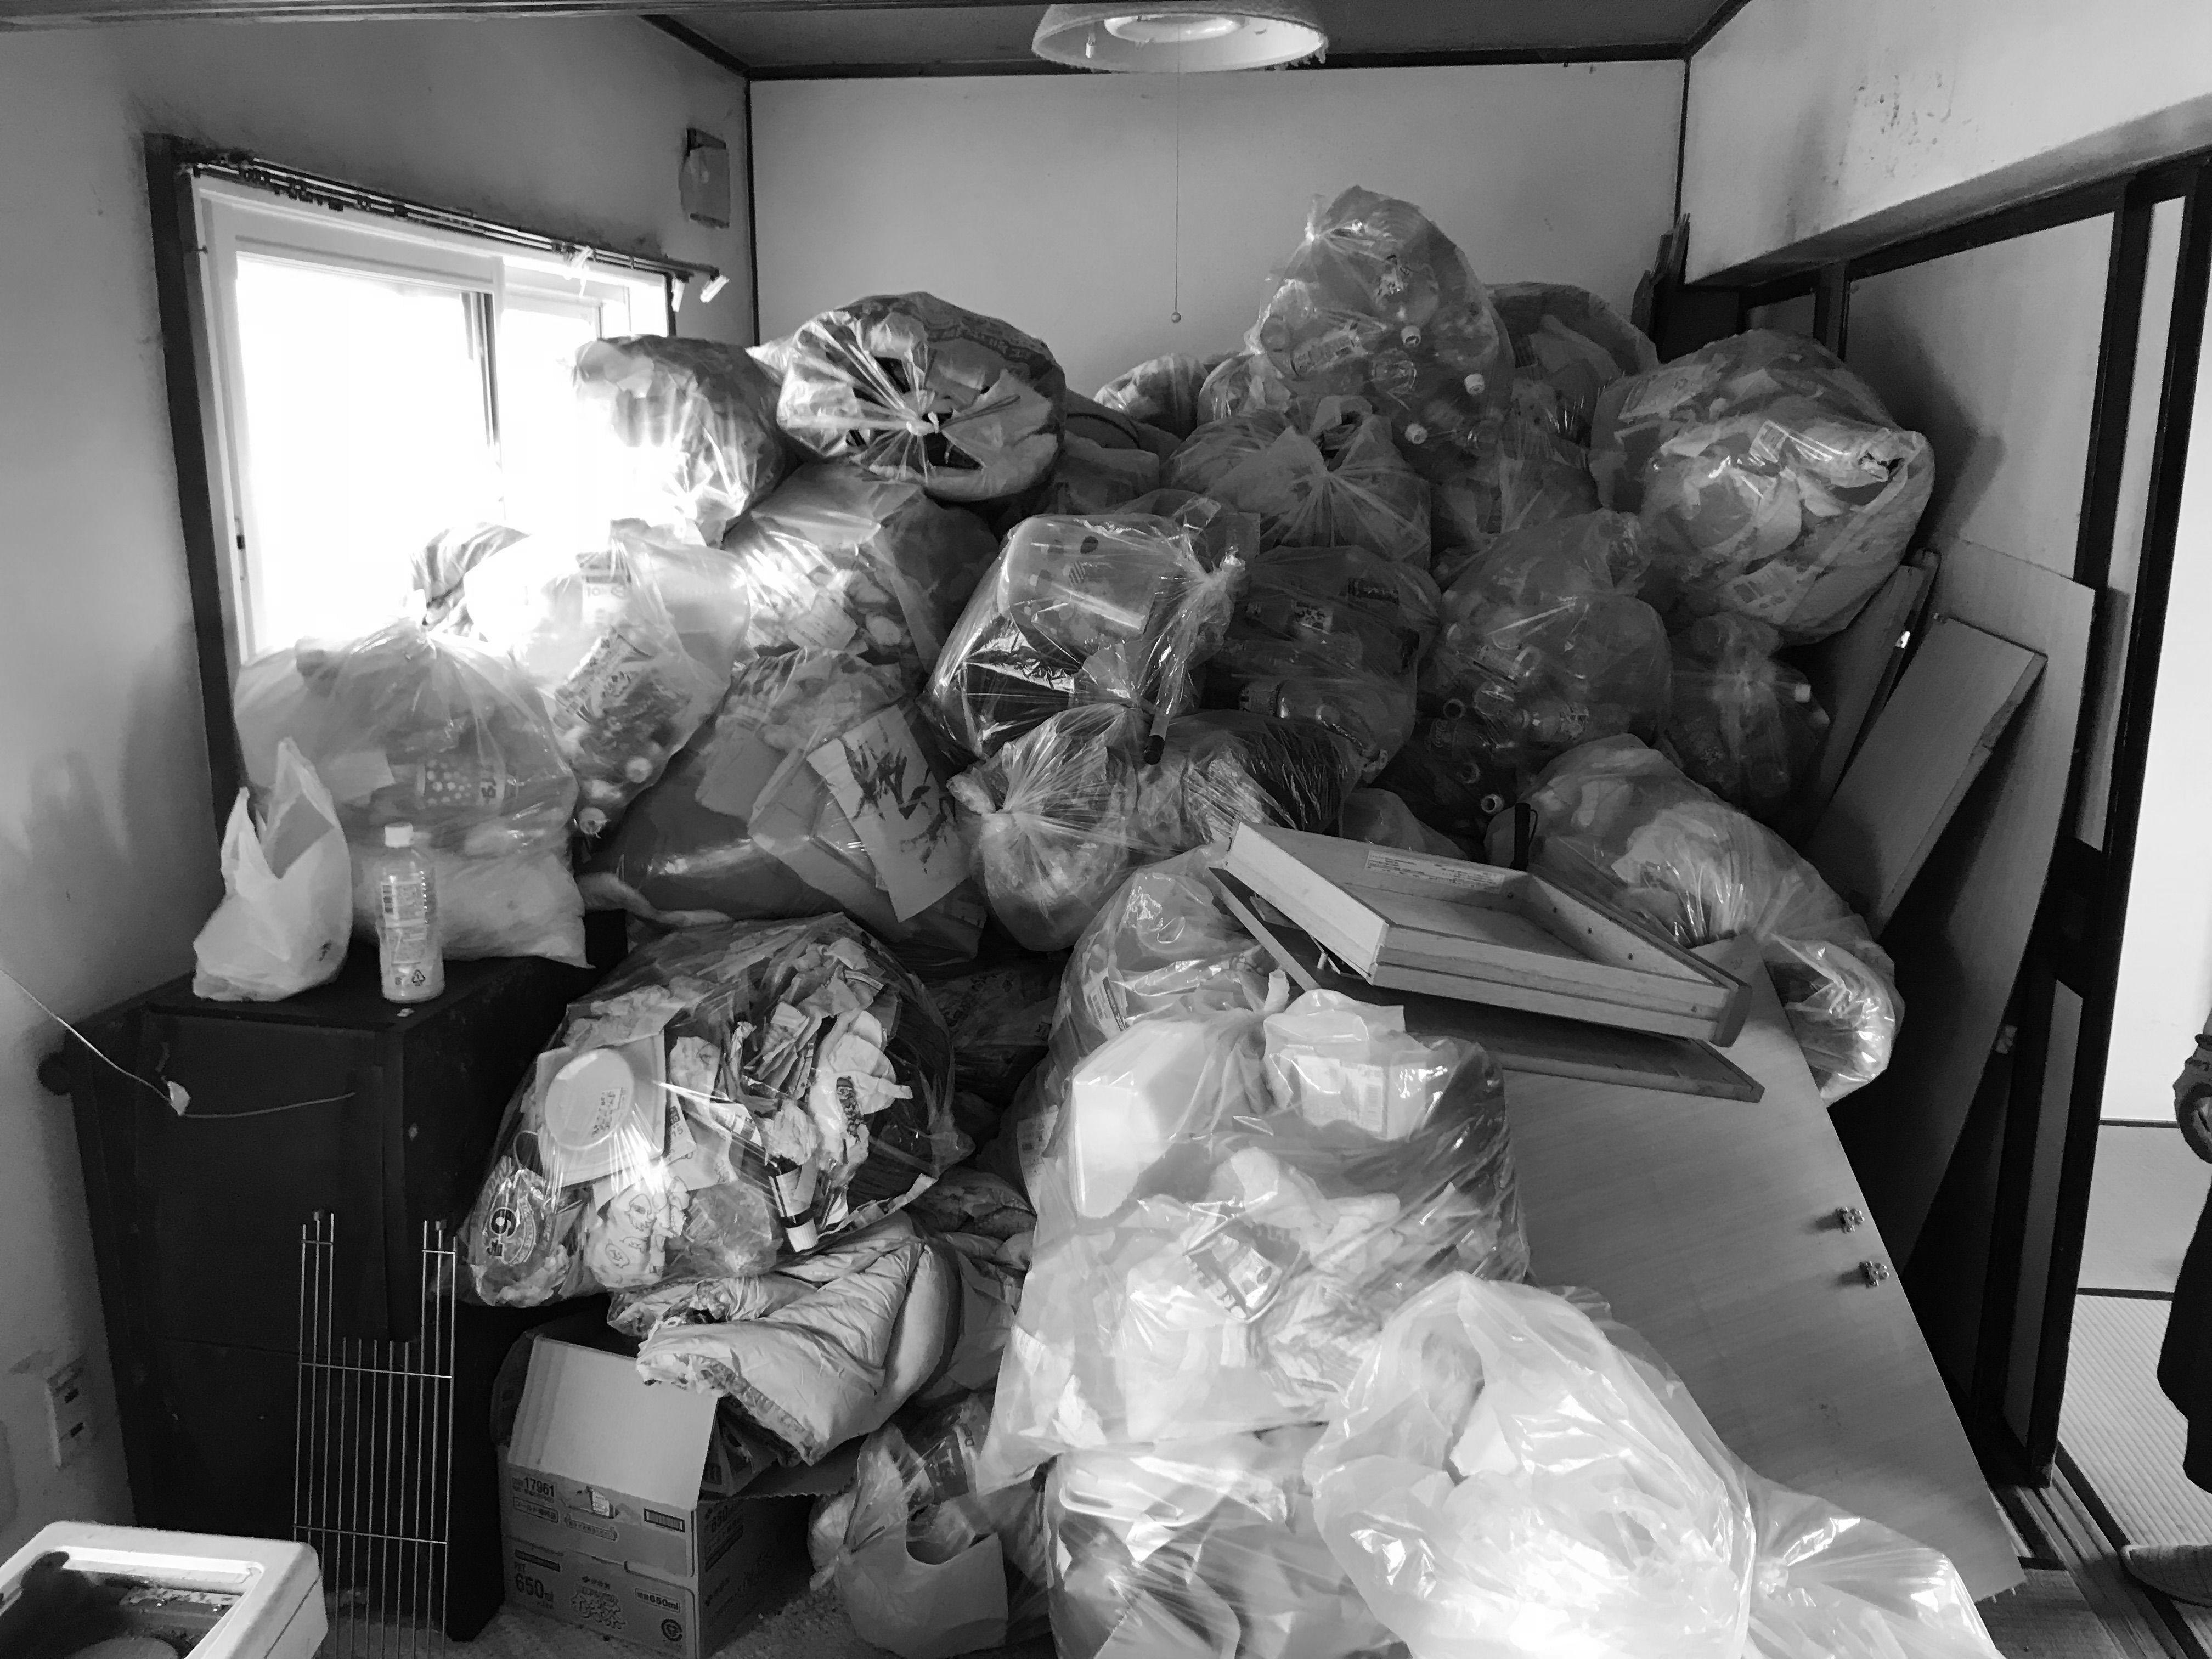 ゴミが溜まった部屋